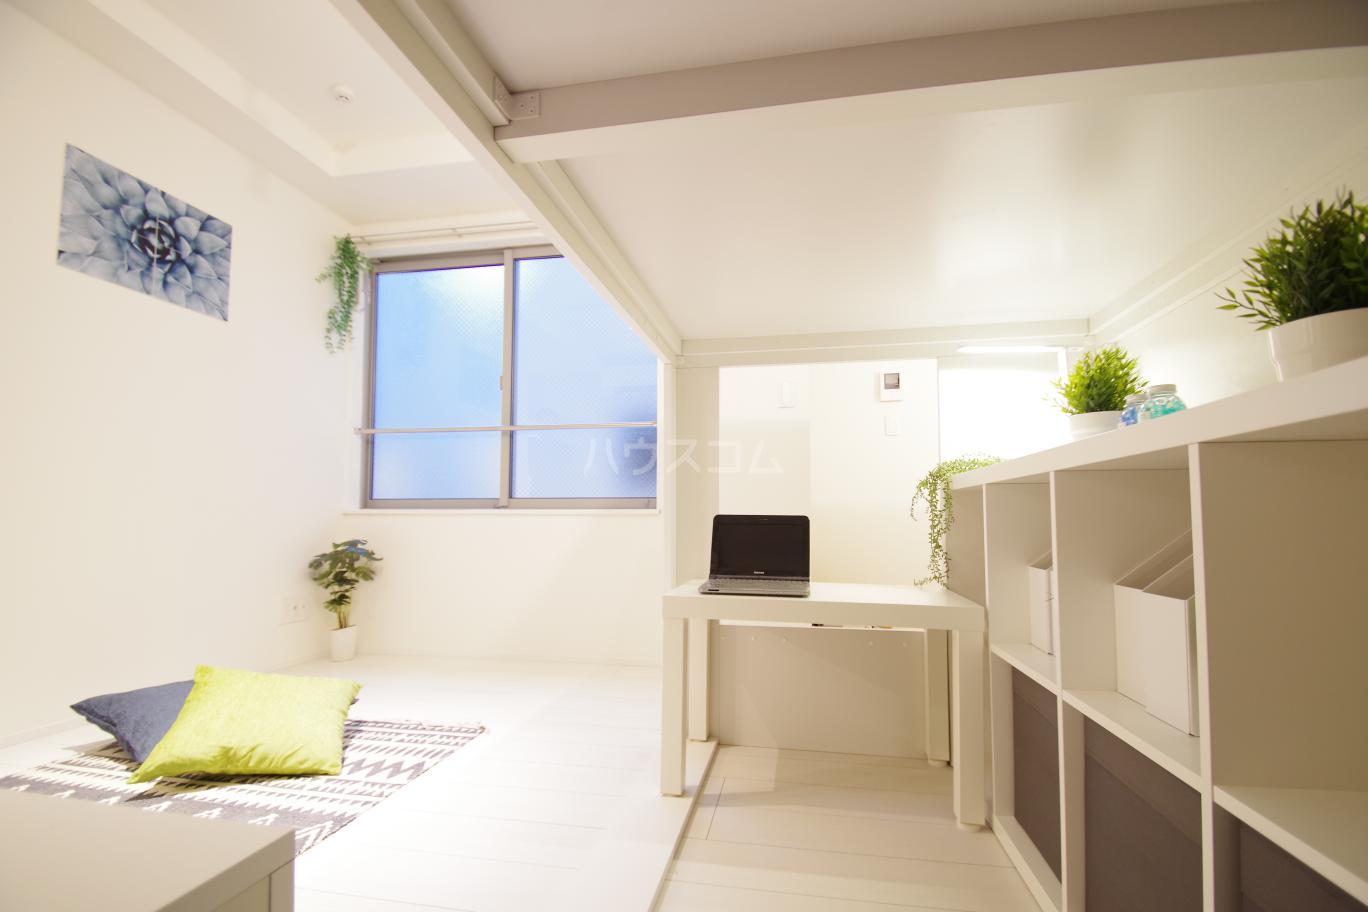 ヒルサイドレジデンス 1-A号室の居室